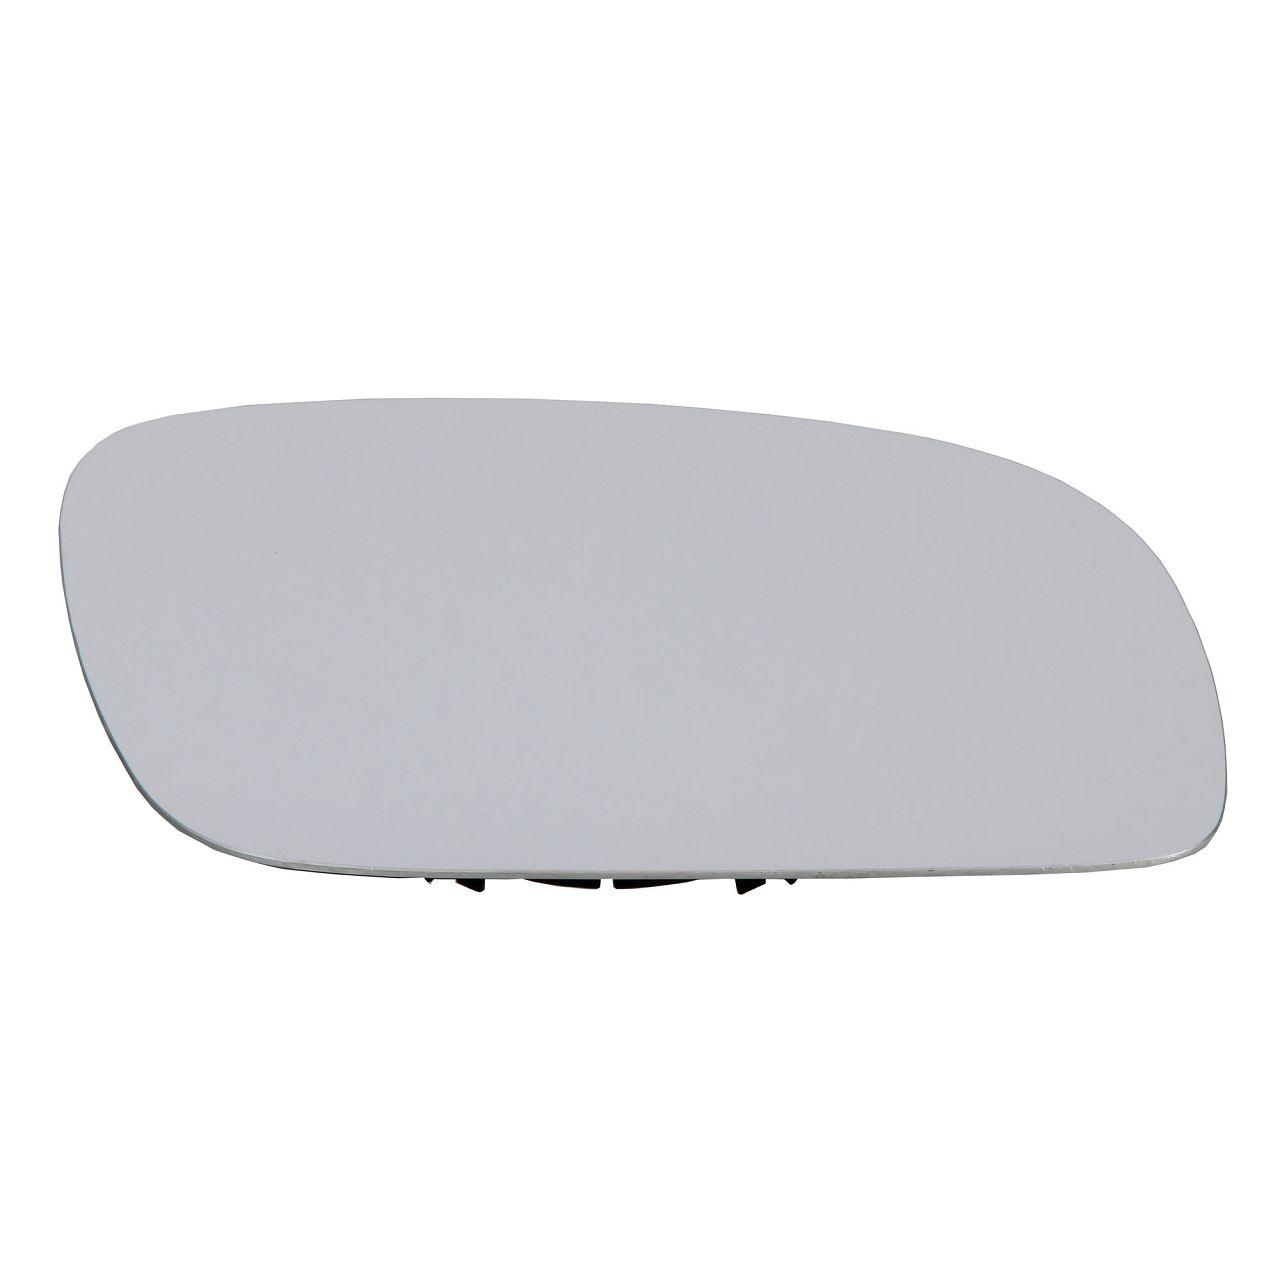 Außenspiegel Spiegelglas ELEKTRISCH für VW Touran 1T1 1T2 rechts 1T0857522